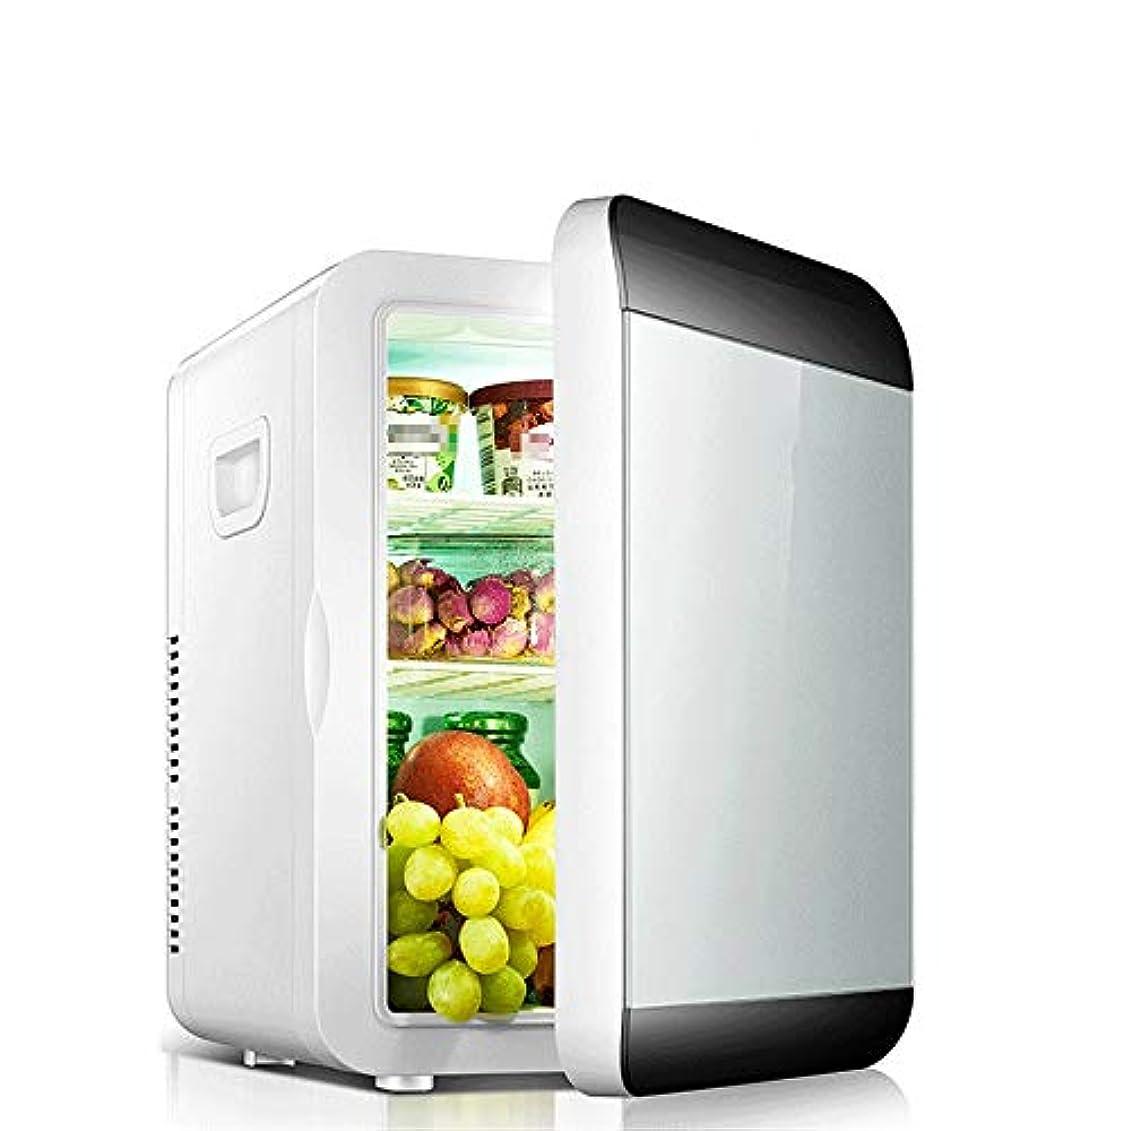 動くマイクロプロセッサ防止カー冷蔵庫 温度制御ポータブル熱電クーラーとウォーマーミニ冷蔵庫13.5リットルスキンケア冷蔵庫 家庭用&車用 カー トラック 大容量 (色 : Silver, Size : 30X24X35CM)